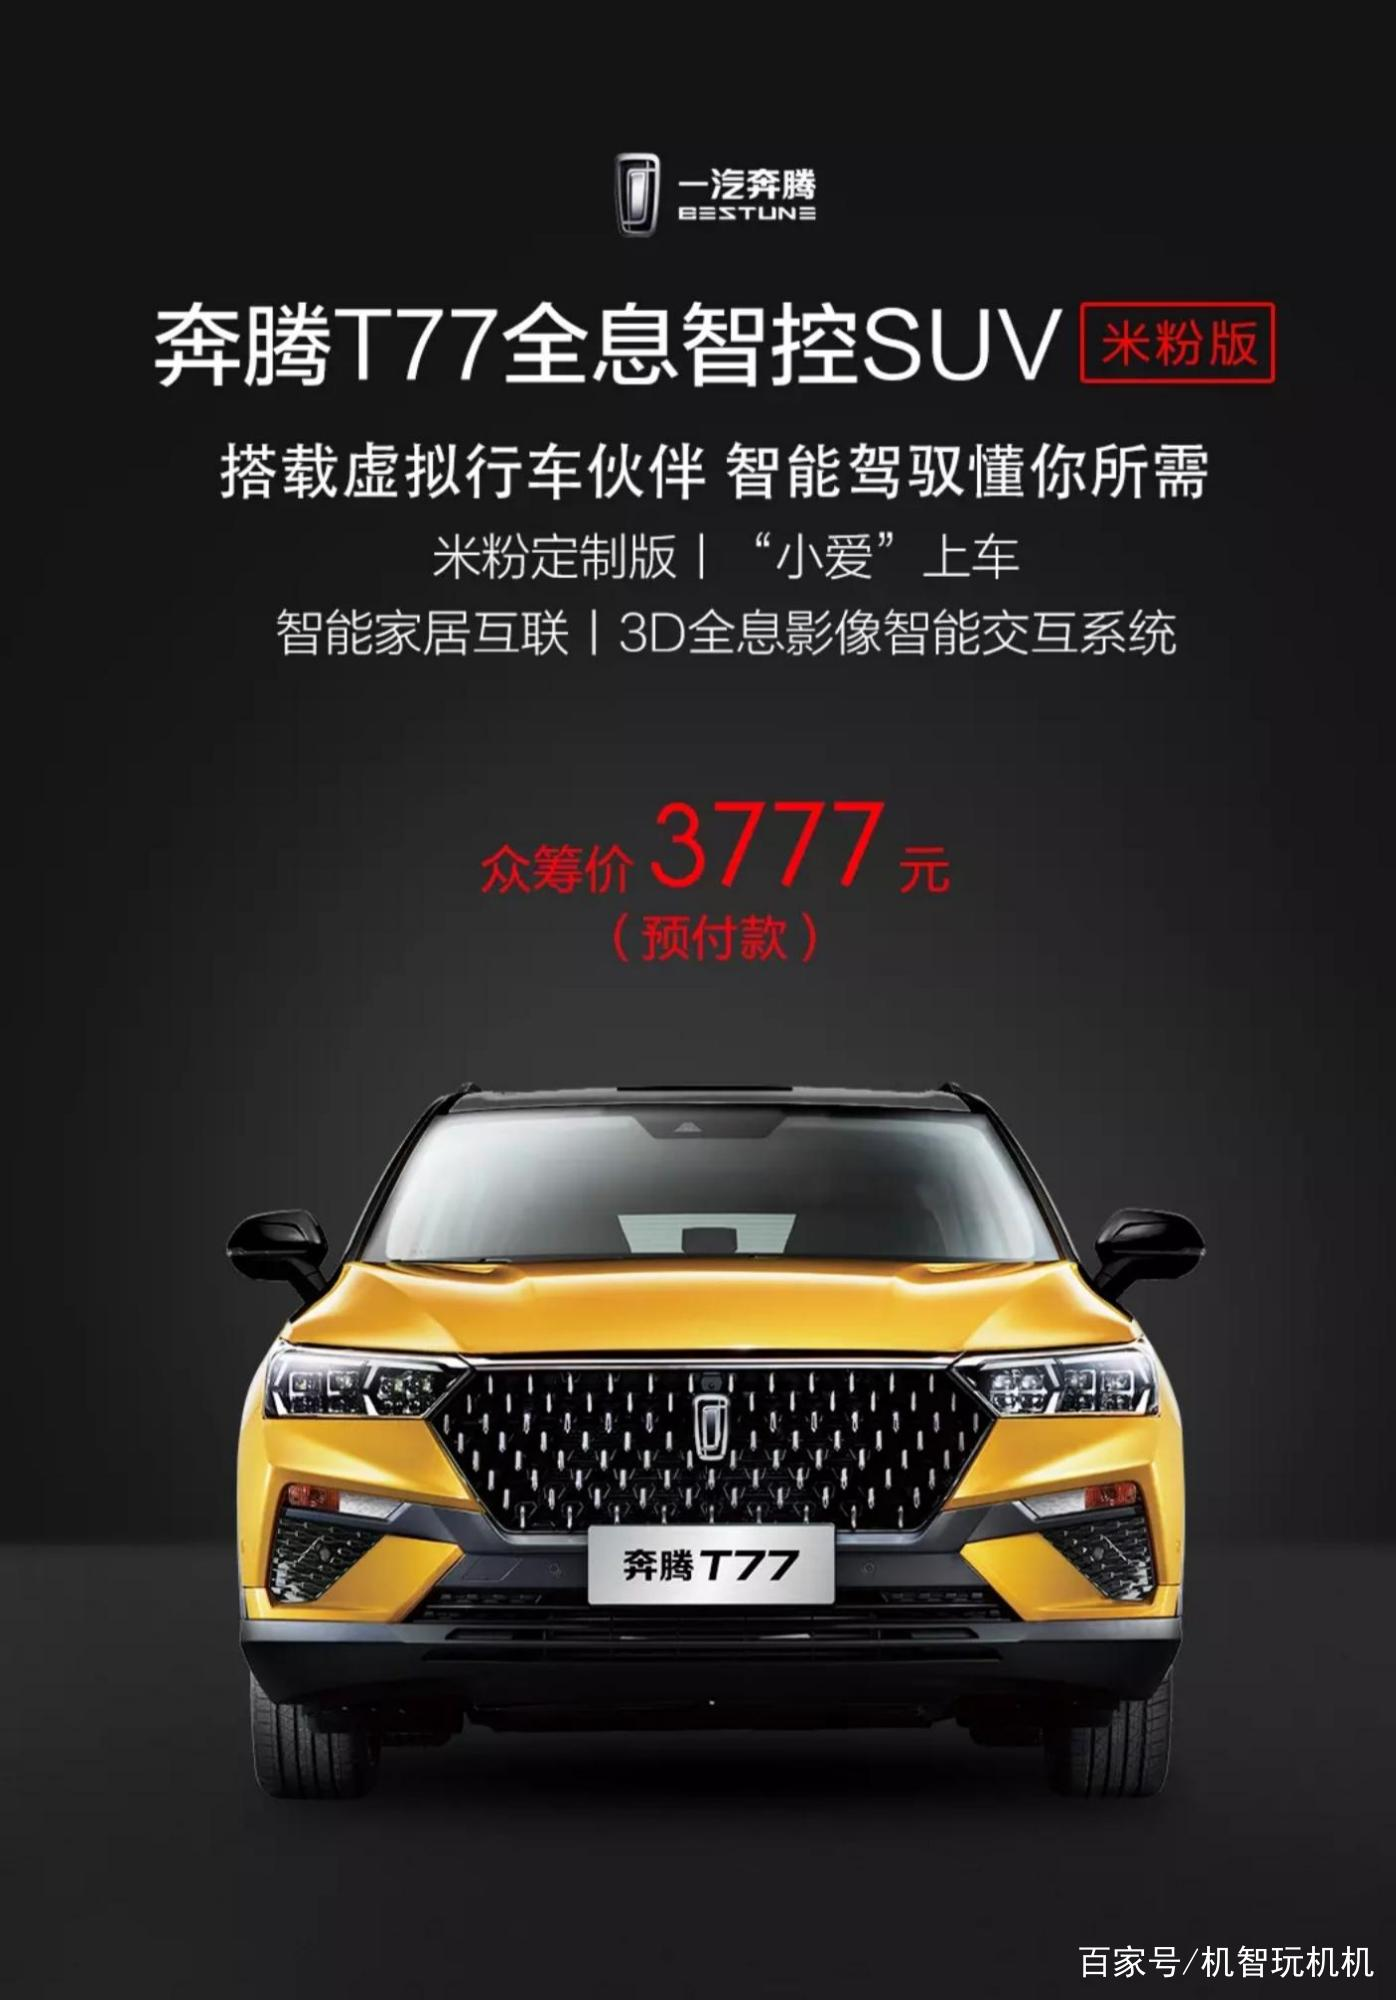 小米终于卖汽车了!专为米粉定制的全息智控SUV:价格感人!